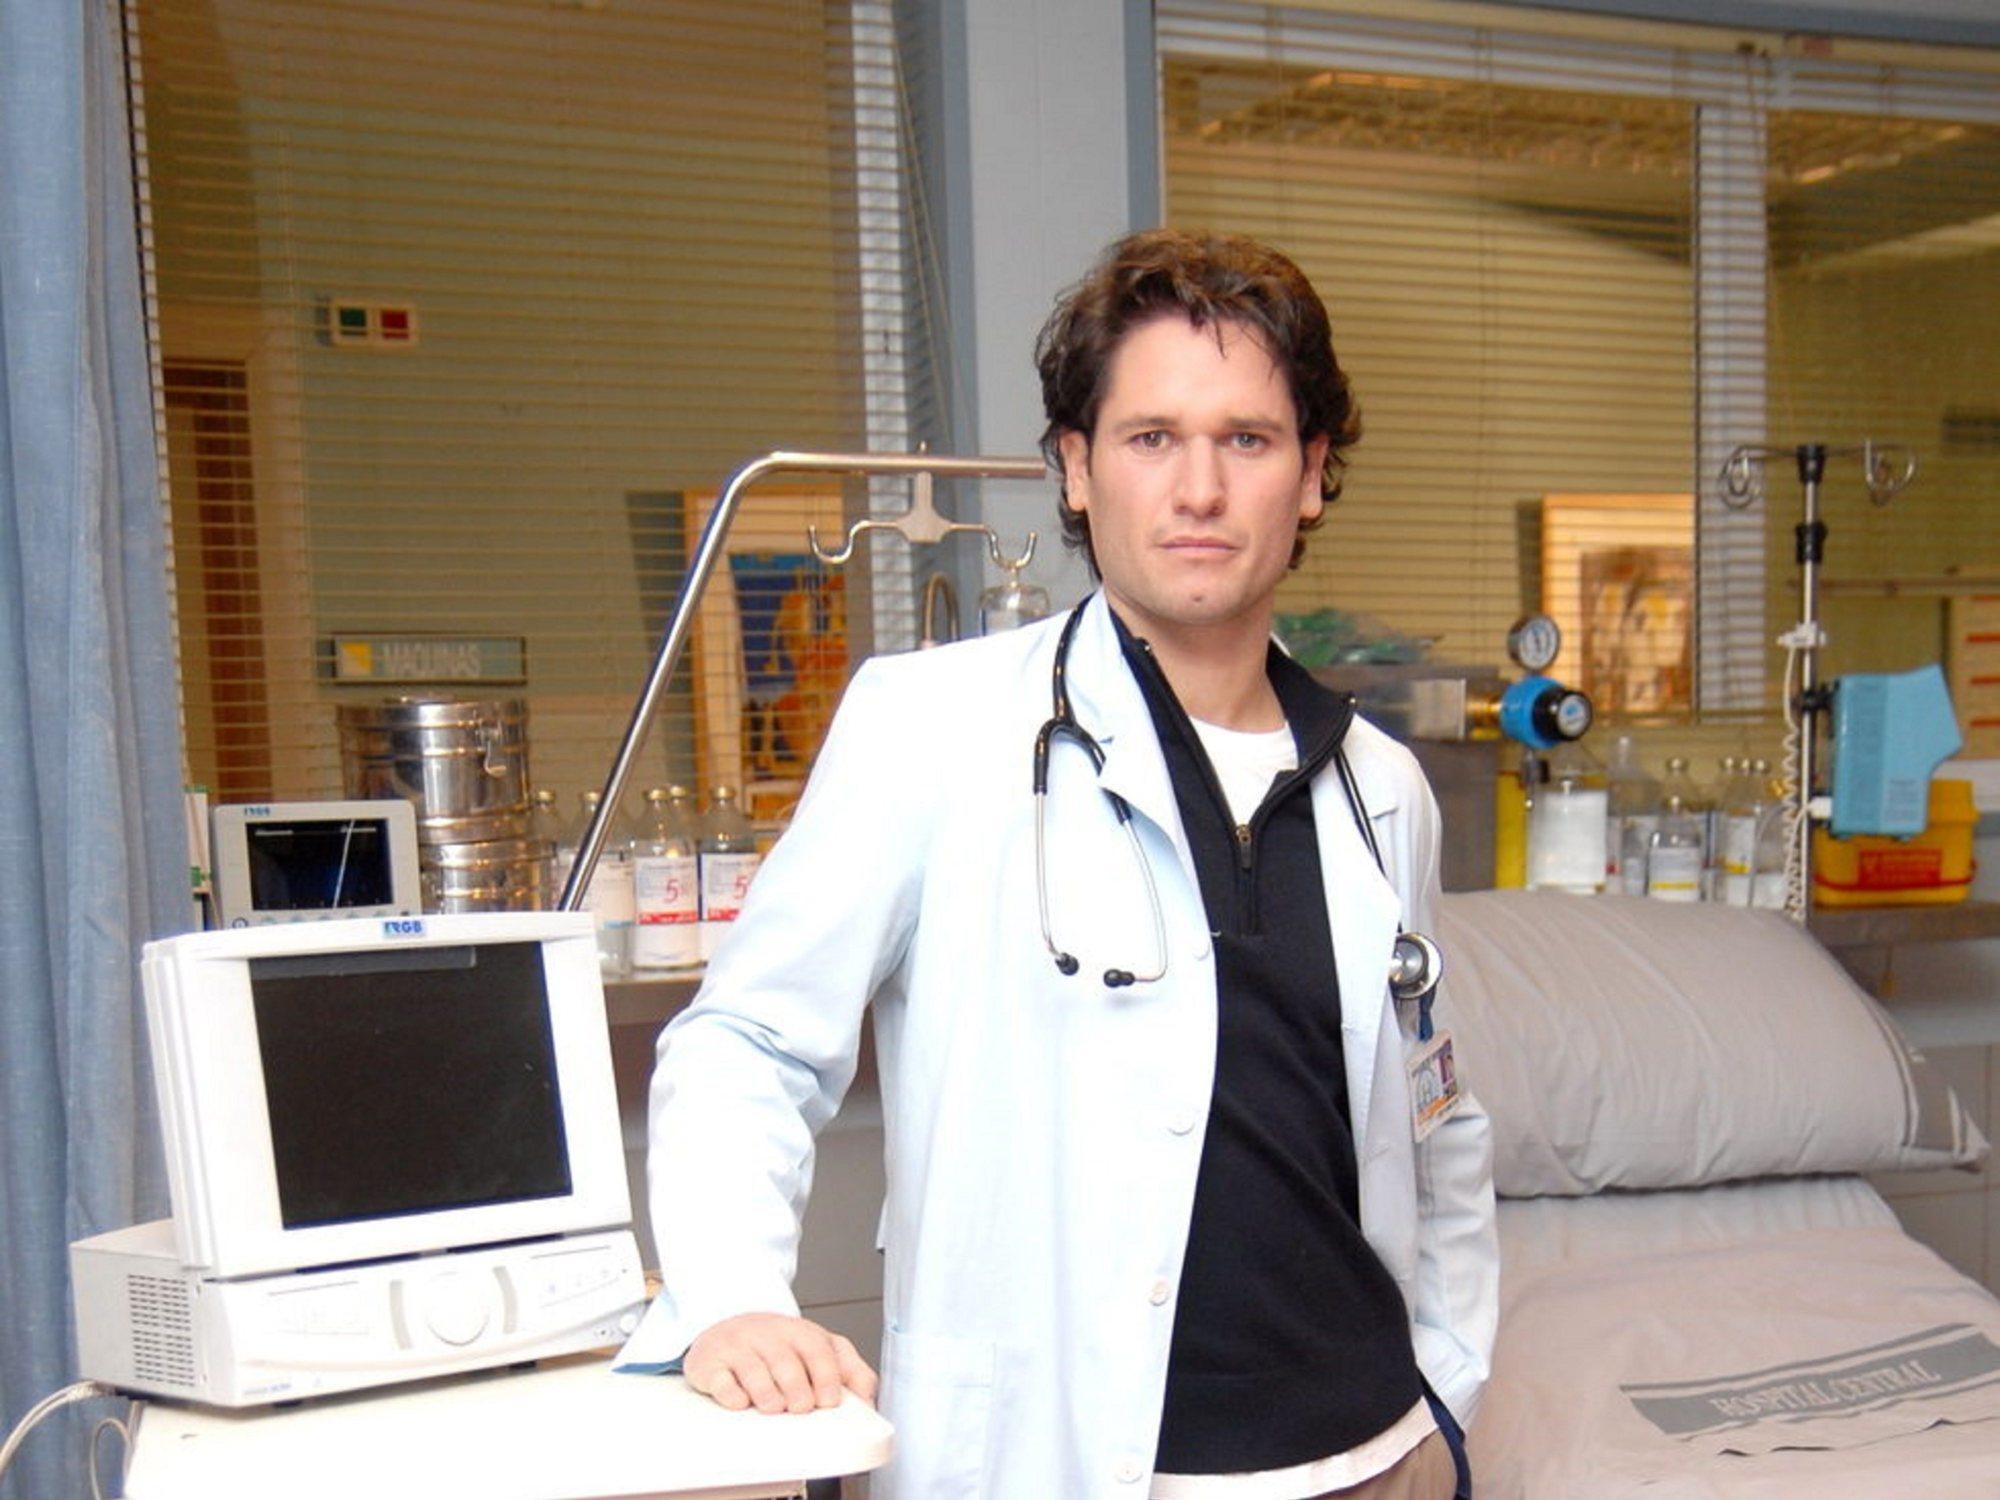 ¿Qué fue del actor que interpretó a Javier Sotomayor en 'Hospital Central'?